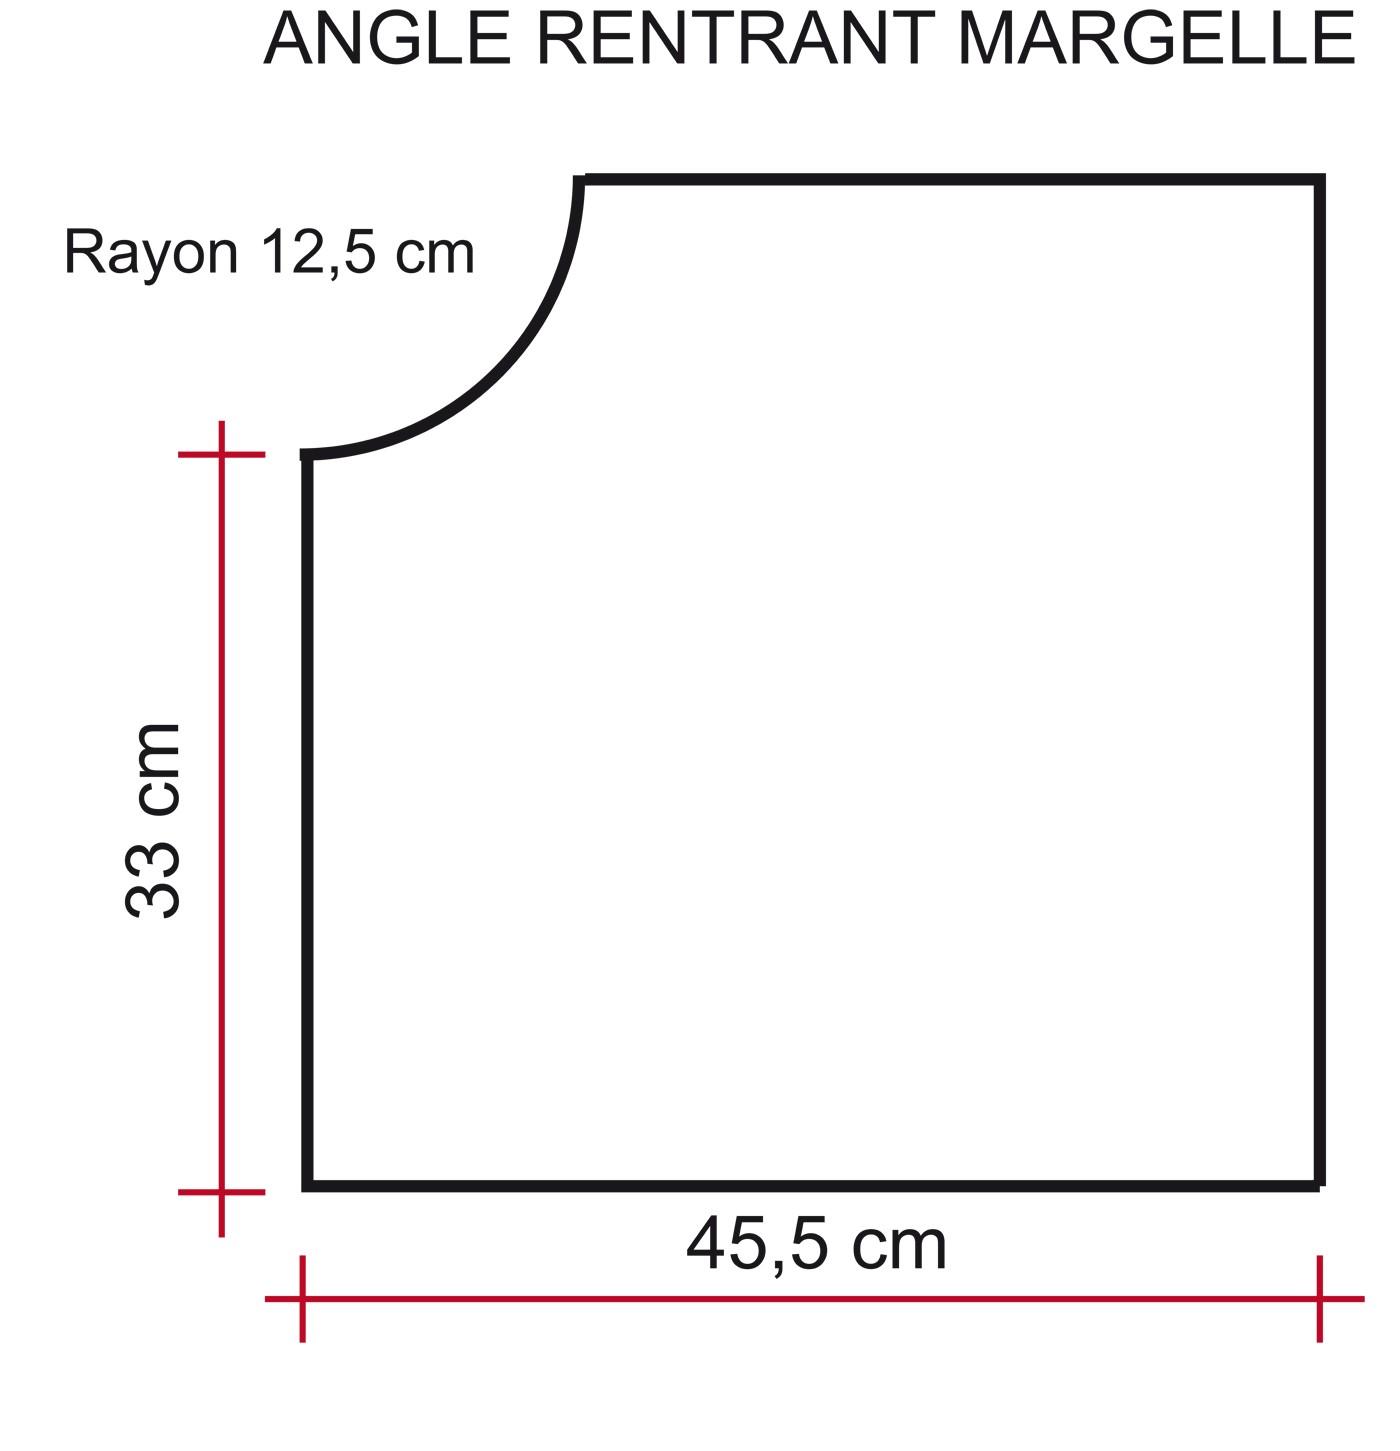 Margelle Pierre Reconstituée Plate Angle Rentrant 4 cm Blanc Nuancé